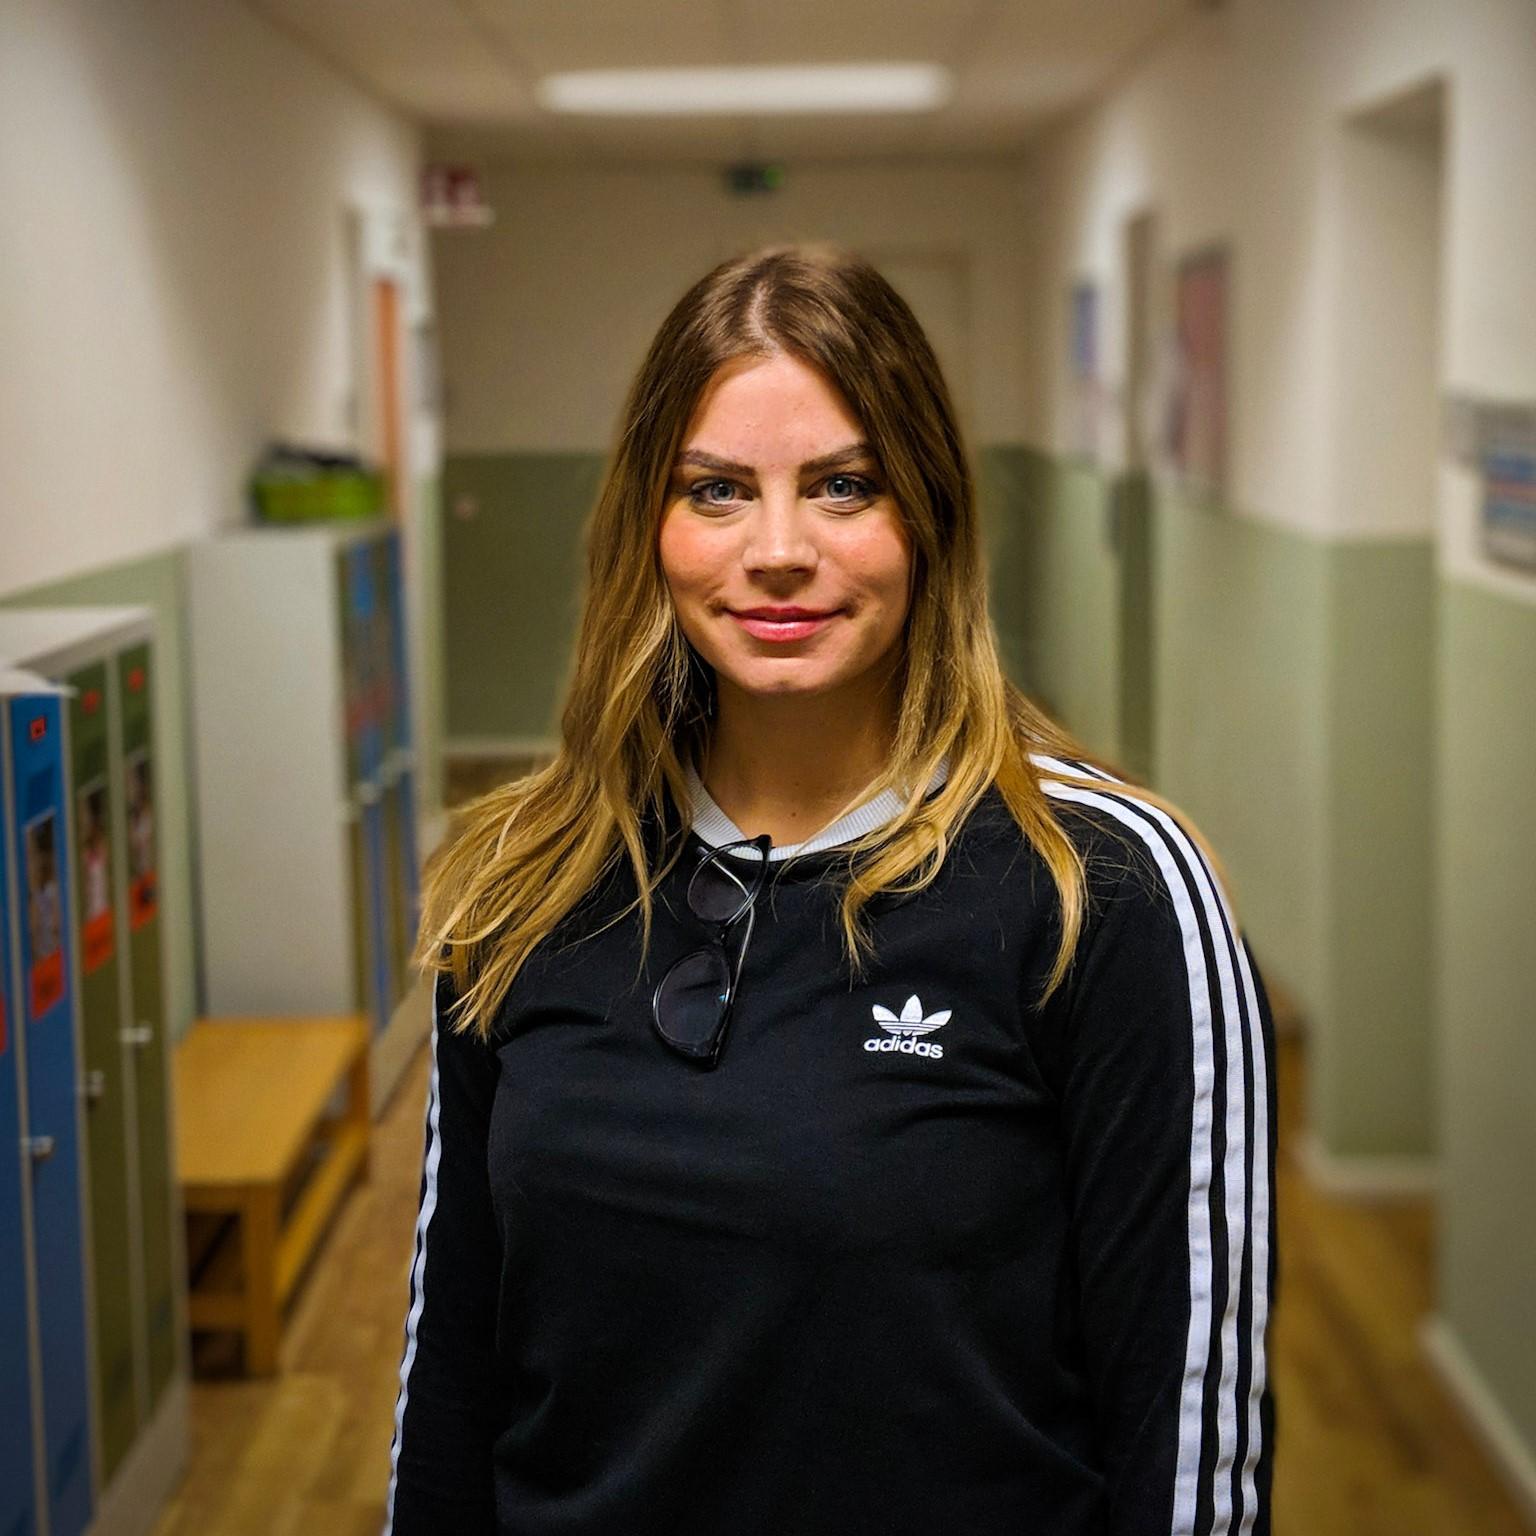 Josephine Fitzner   Josephine ist ausgebildete Erzieherin und hat einen Universitätsabschluss im Management von frühkindlicher Bildung. Sie hat in verschiedenen multikulturellen Kindergärten gearbeitet und ist seit Mai 2017 als Deutschlehrerin für Kleinkinder an der Berlin Cosmopolitan School tätig.  Der Inhalt und die Aussicht auf eine Umsetzung, die das Erasmus-Projekt bietet, lässt ihr Herz in der Erwartung höher schlagen, die Qualität frühkindlicher Bildung zu verbessern und einen international ausgerichteten Geist, Werte und Normen innerhalb des Erasmus-Teams und darüber hinaus in ganz Eruopa und vielleicht sogar der Welt zu entwickeln  Josephine ist fest davon überzeigt, dass die aktuelle und zukunftsorientierte Verbreitung von pädagogischen Prozessen und Konzepten, des Transfers wissenschaftlichen Wissens in das Klassenzimmer bedarf. Sie ist sich sicher, dass internationale Netzwerke zum Austausch von Methoden, Erfahrungen und Wissen den Schlüssel zum Erfolg darstellen. An der Schnittstelle zwischen Theorie und Praxis hilft dieses Erasmus-Projekt, Bewusstsein, Arbeitshilfen und ein besseres Verständnis der Rolle von PädagogInnen herzustellen.  Josephine freut sich auf die Teilnahme an diesem Projekt, dass es ihr ermöglicht, mit unterschiedlichen und gleichgesinnten KollegInnen an einem gemeinsamen Ziel zu arbeiten: die Verbesserung frühkindlicher Bildung mit Rücksichtnahme und Gleichberechtigung für interkultuelle Lehrer/Eltern-Partnerschaften. Sie ist gespannt darauf, sich auf das Erasmus-Projekt einzulassen und freut sich darauf zusammen mit dem Forschungsteam einen positiven Einfluss auf die frühkindliche Bildung zu haben!